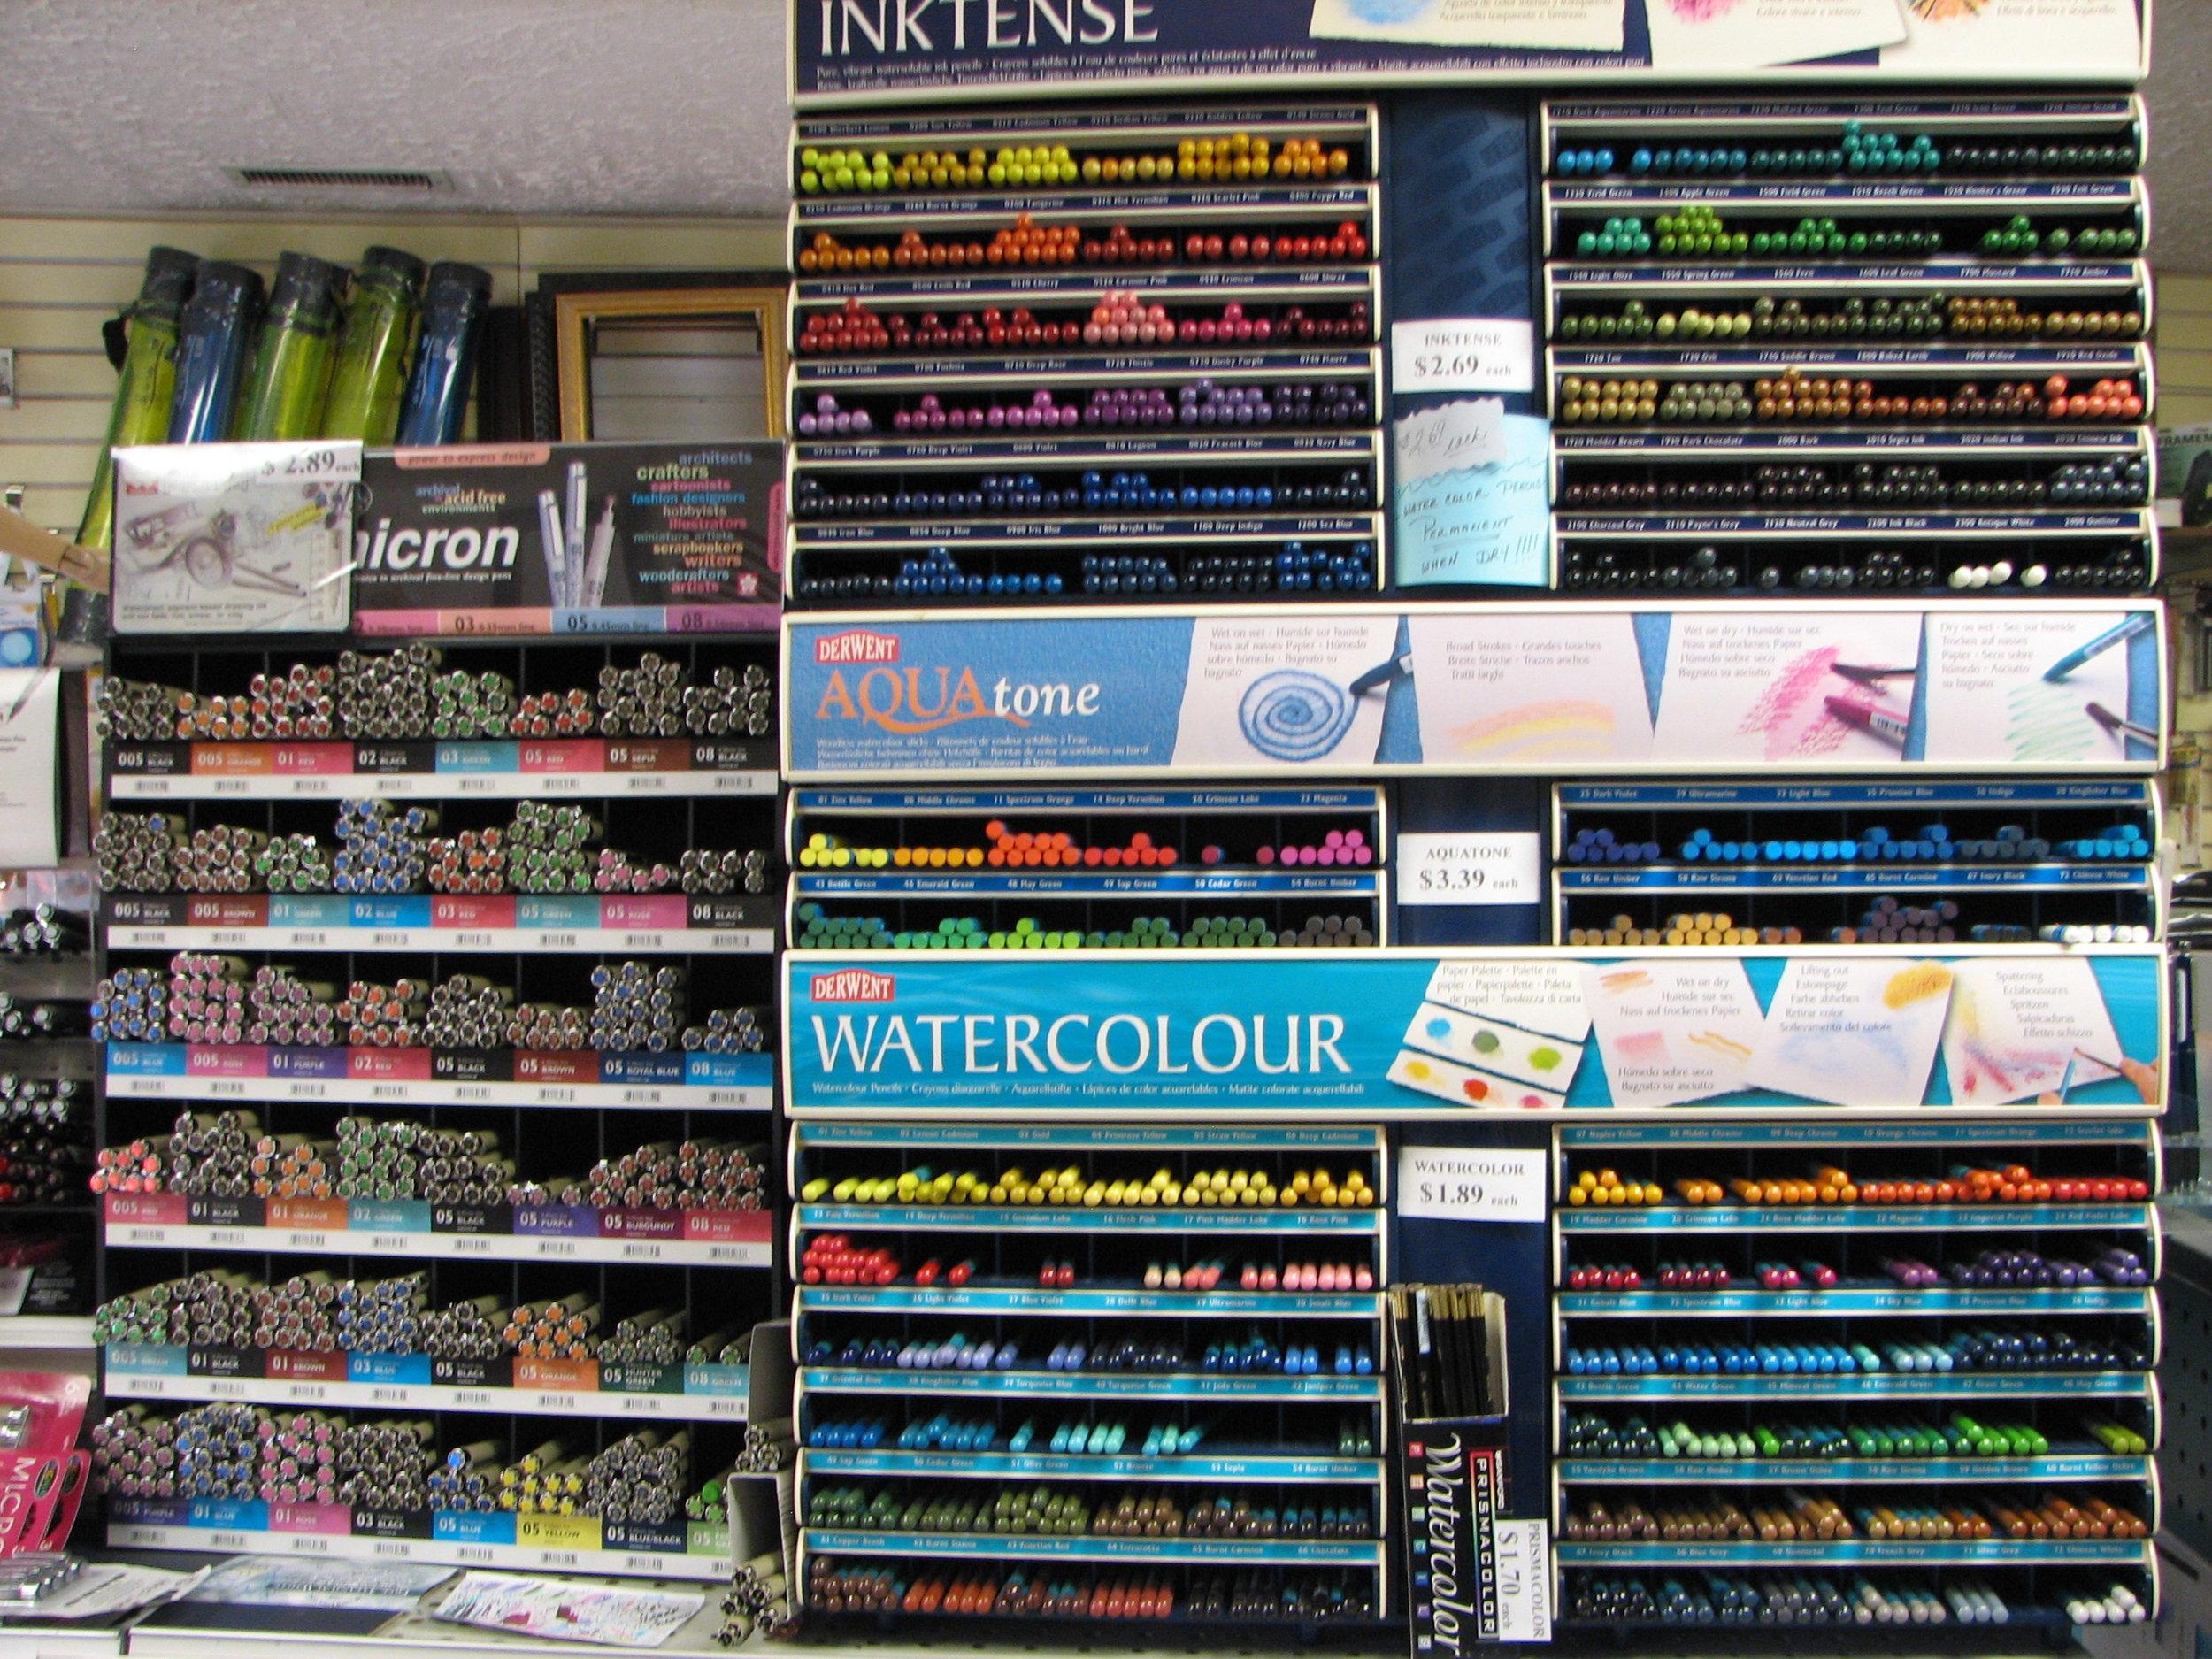 Derwent Inktense pencils and sets,Derwent Watercolor pencils and sets, Micron Markers and sets